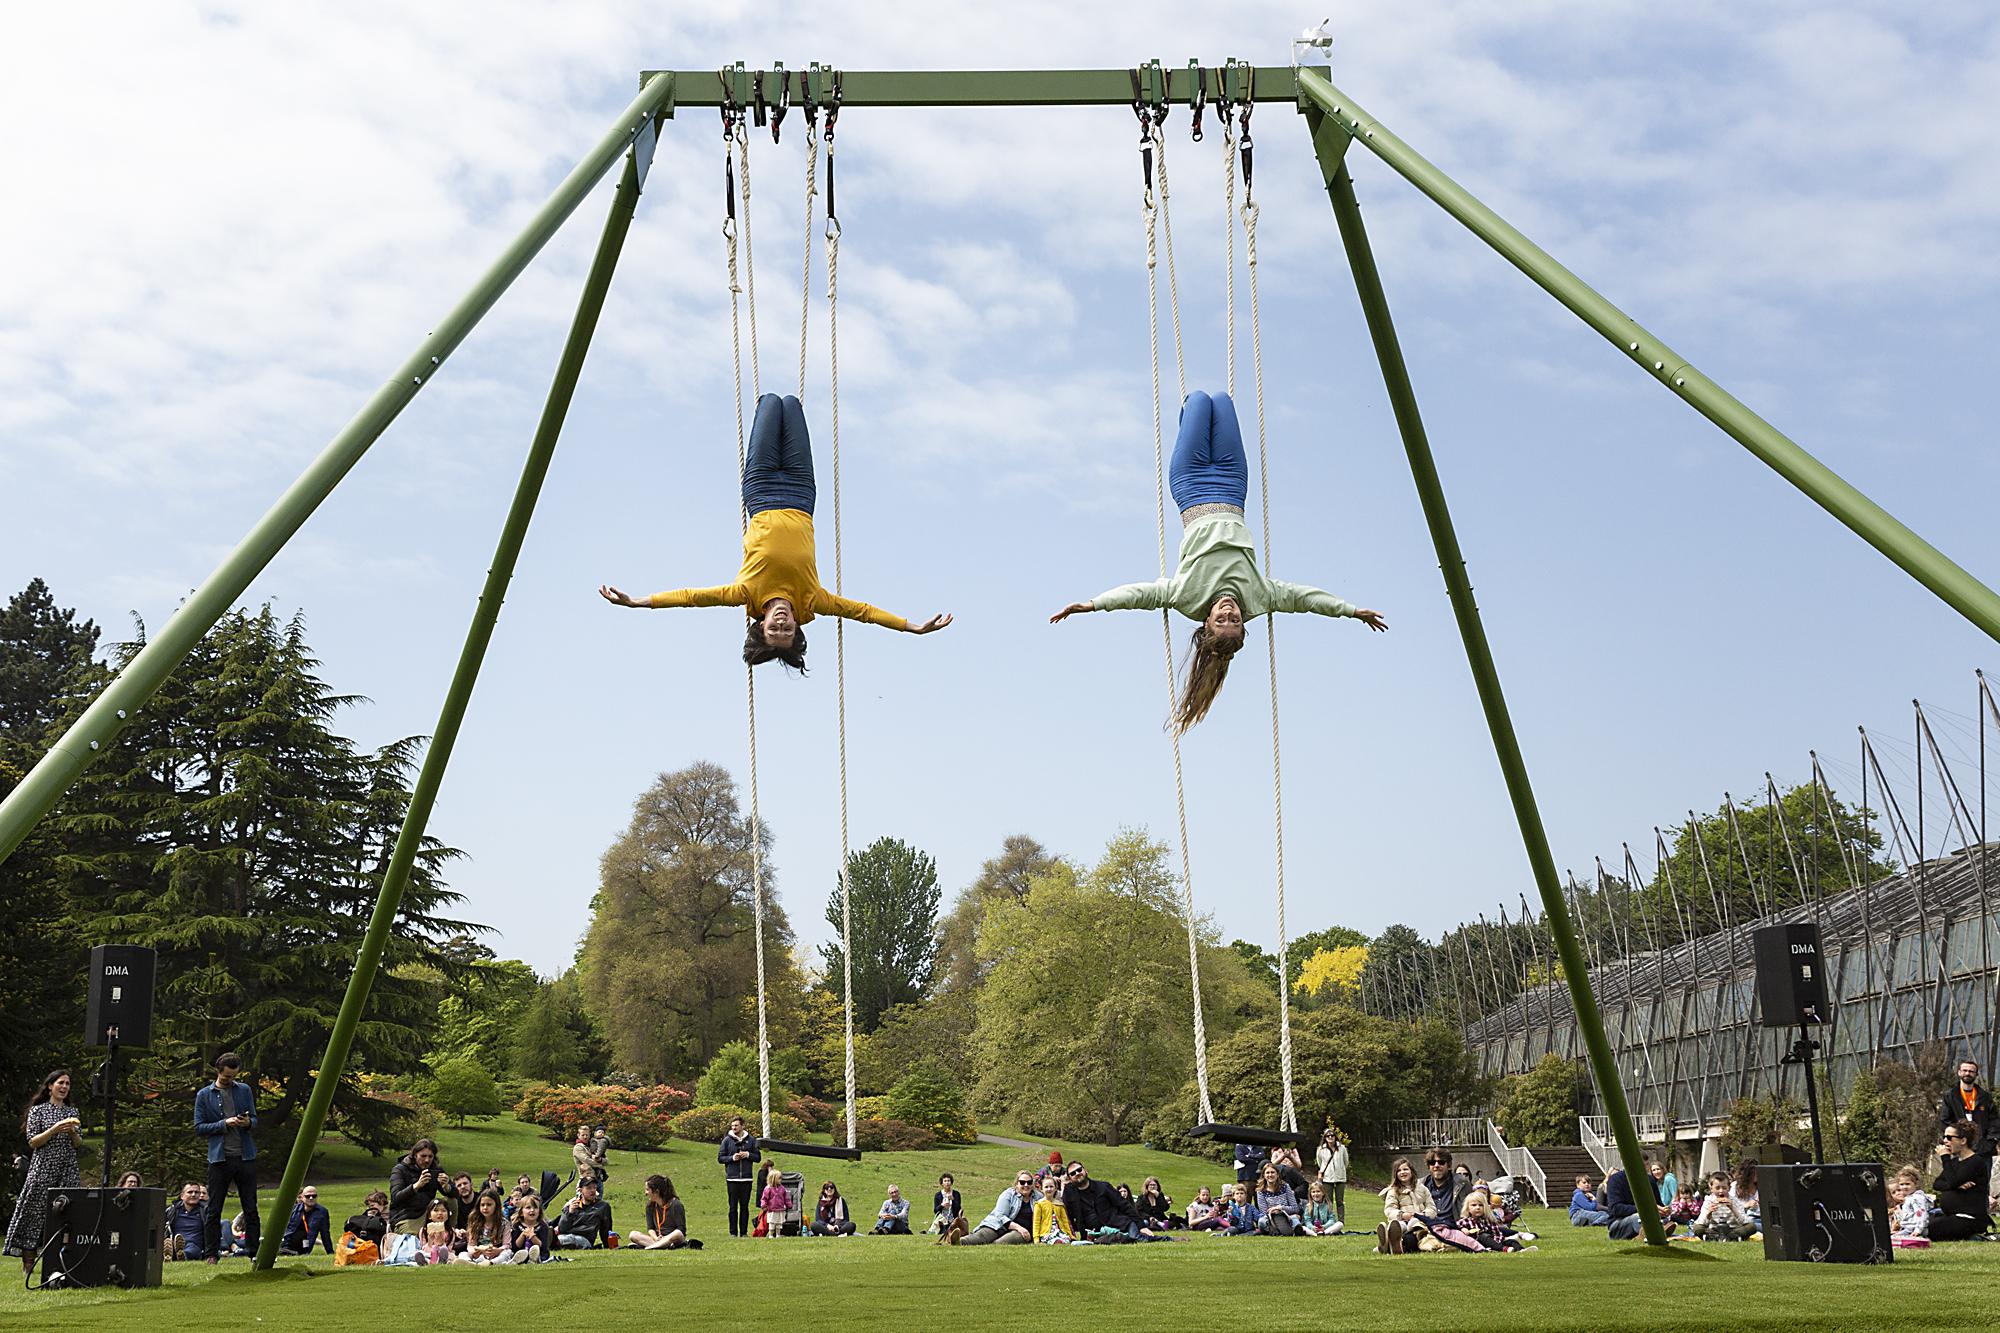 Festival of Fun 21: The Swings